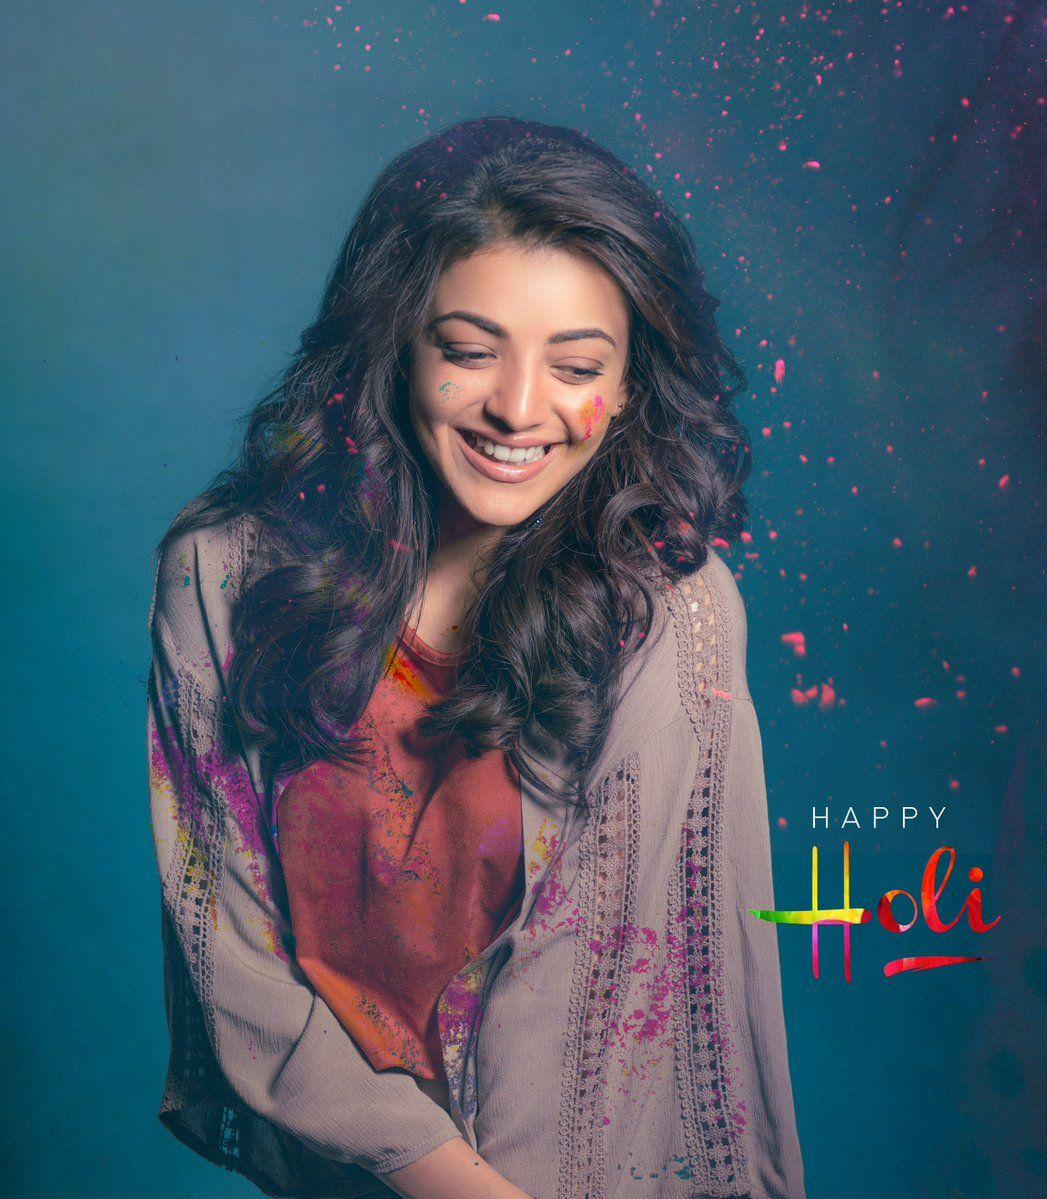 Kajal Aggarwal Mskajalaggarwal Twitter Hollywood Girls Bollywood Actress Hot Photos Hollywood Model